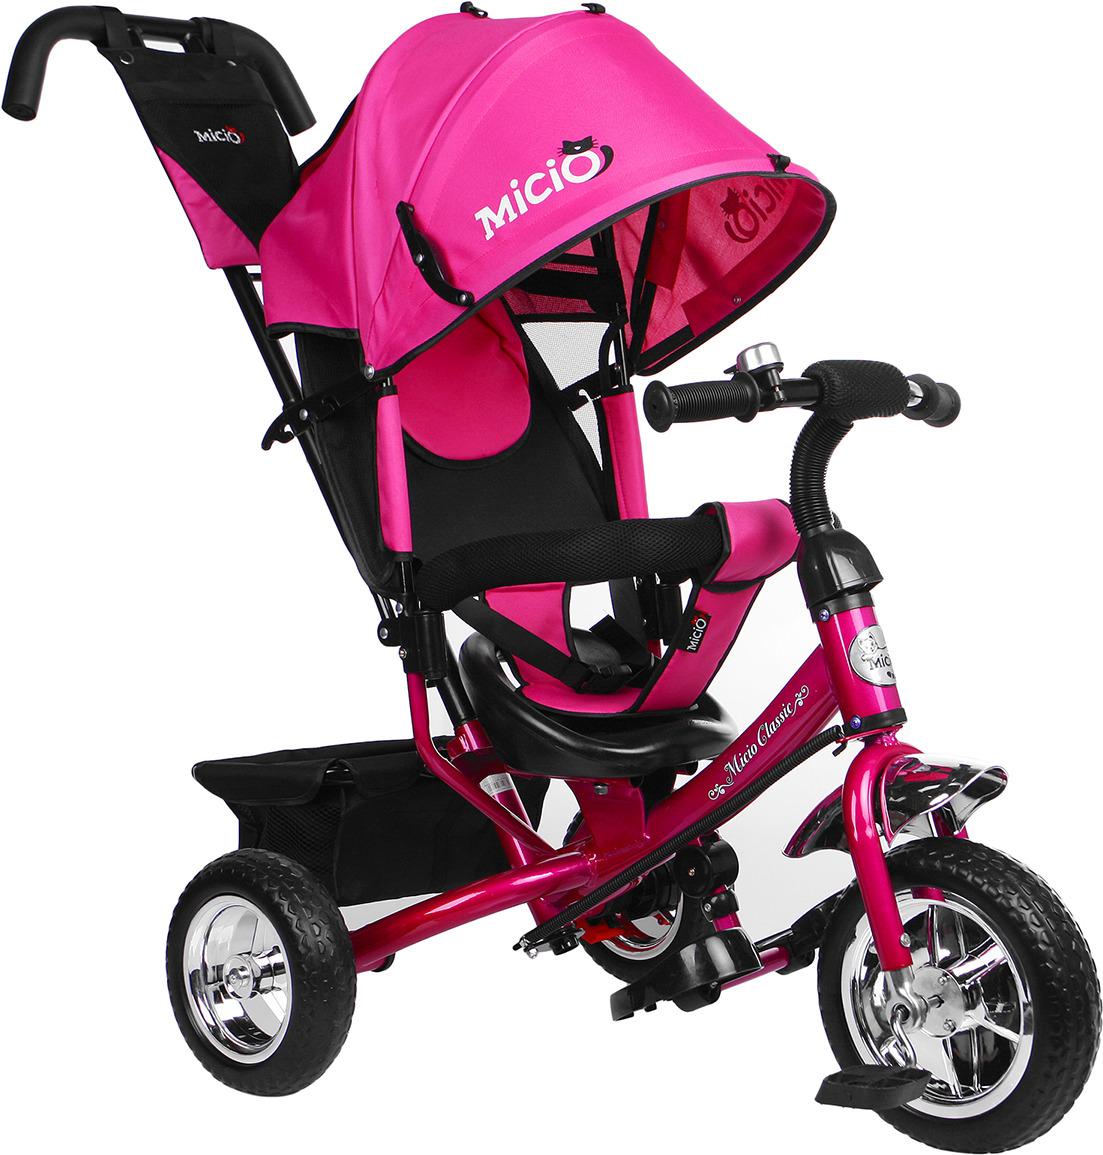 Велосипед трехколесный для девочки Micio Classic 2019, 3871483, розовый